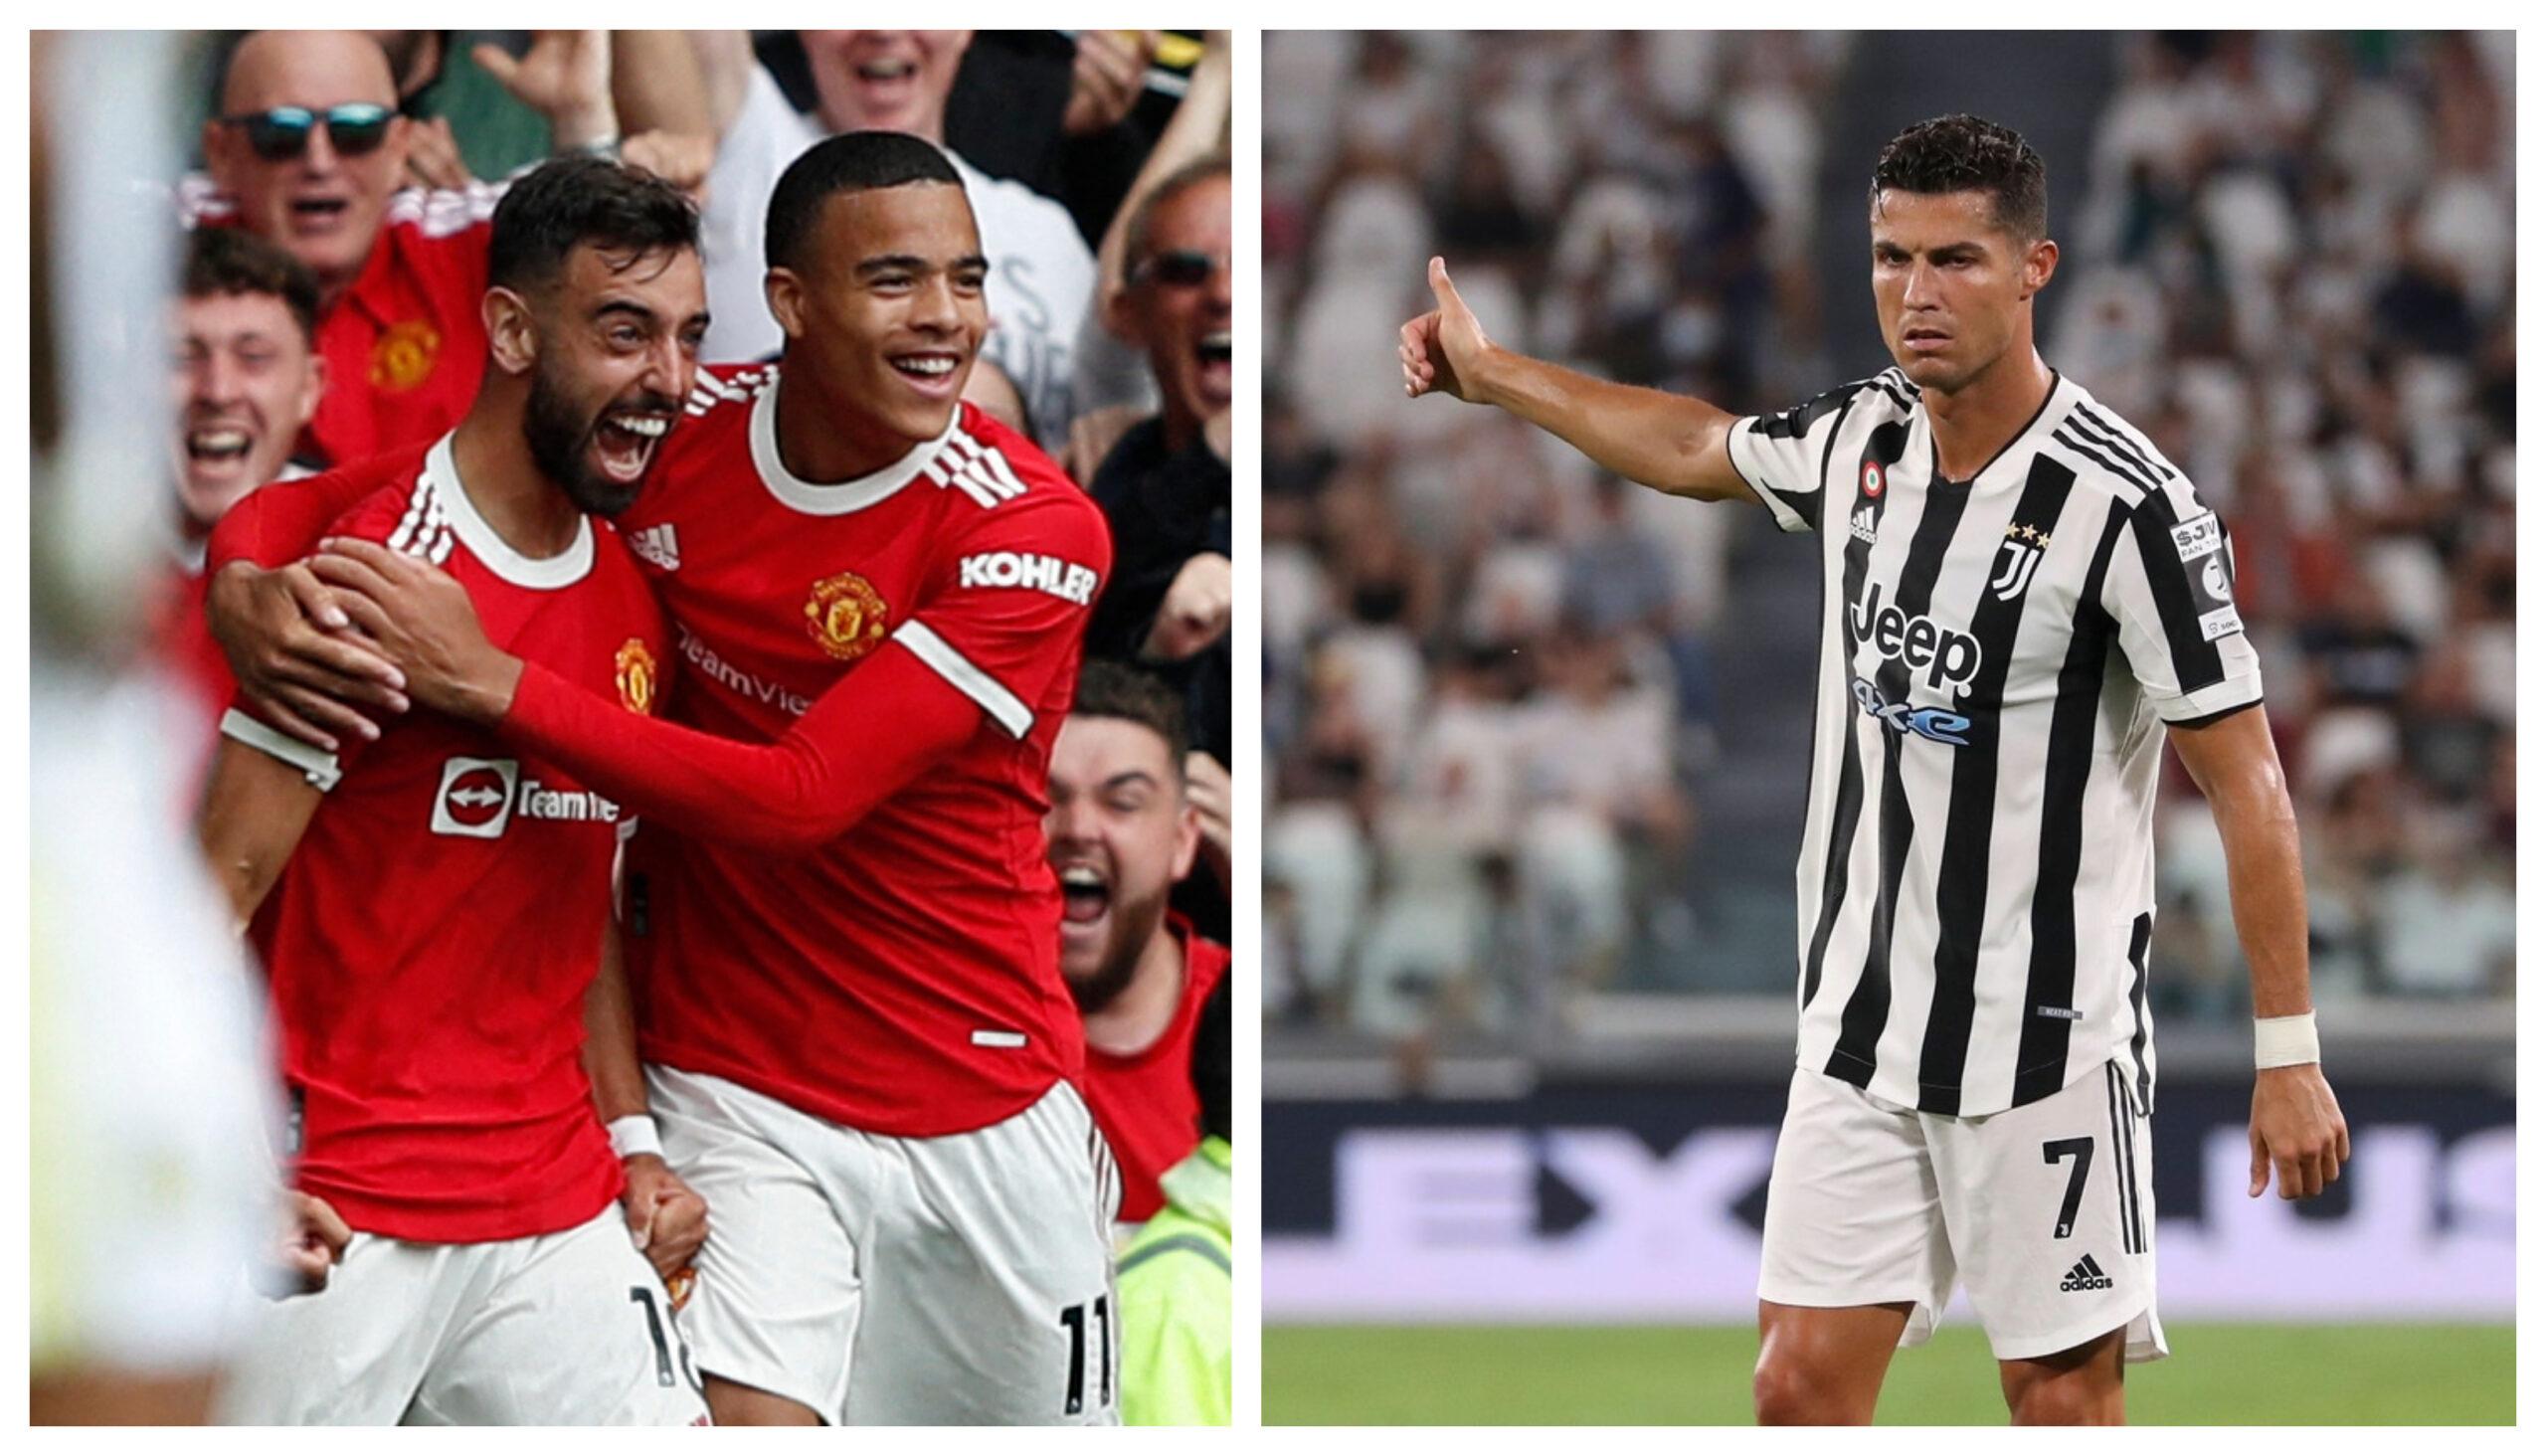 Reacția jucătorilor lui Manchetser United după transferul lui Cristiano Ronaldo